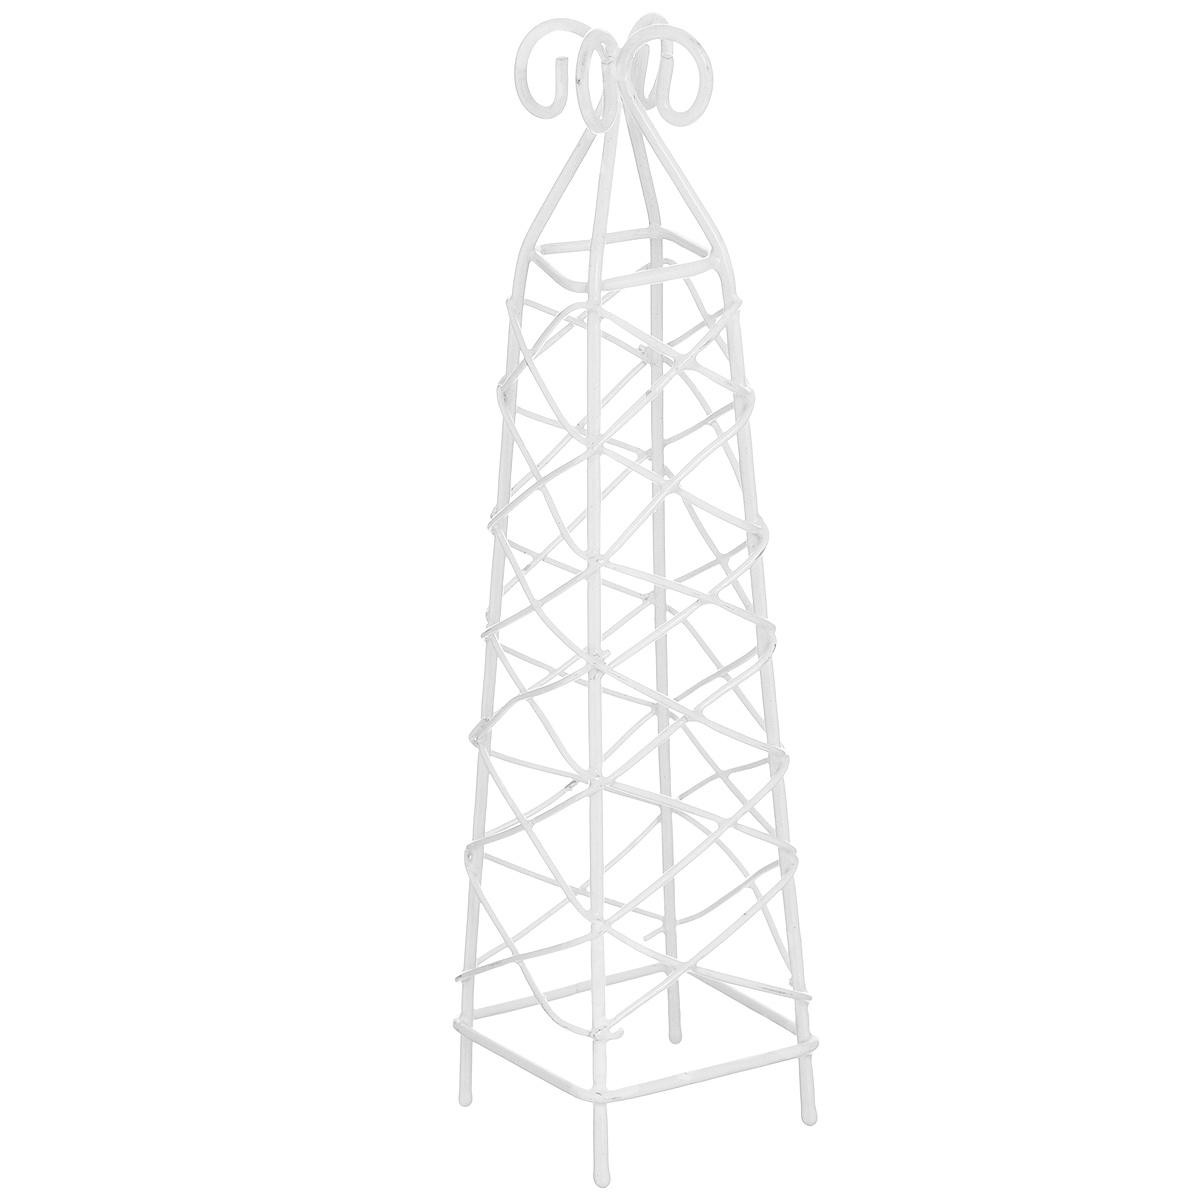 Миниатюра кукольная ScrapBerrys Башенка36649Миниатюра кукольная ScrapBerrys Башенка изготовлена из металла в виде башни. Такая миниатюра прекрасно подойдет для декорирования кукольных домиков, а также для оформления работ в самых различных техниках. С ее помощью можно обставлять румбокс. Можно использовать в шэдоубоксах или просто как изысканные украшения для скрап-работ.